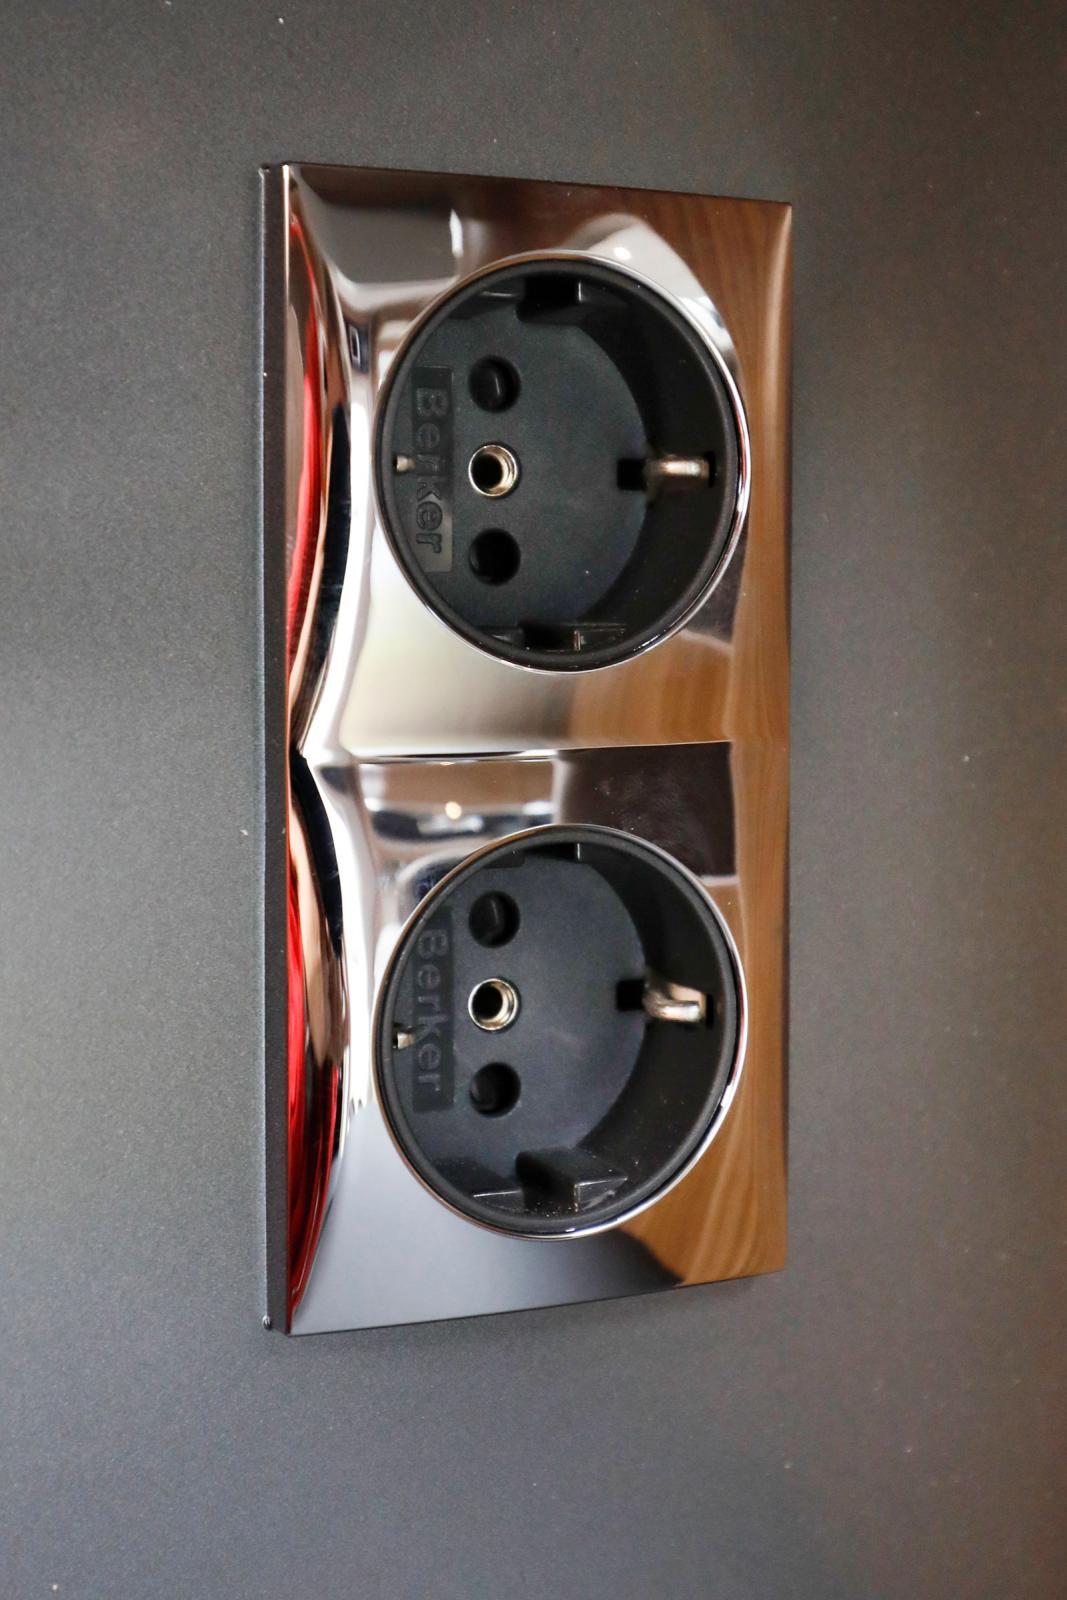 Två stycken 230-volts uttag ovanför diskbänken.